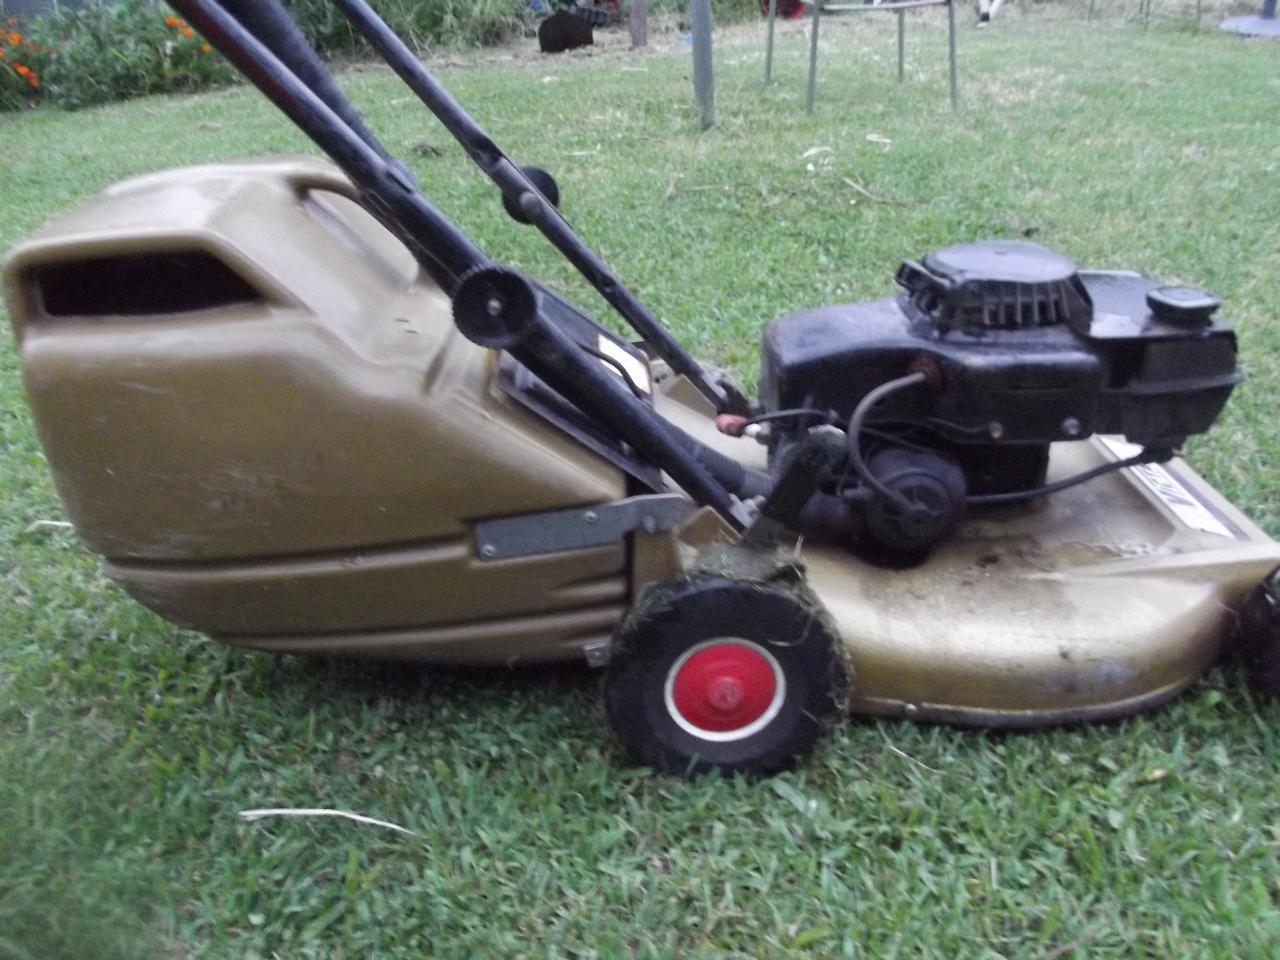 mayfair this mower won t fill the catcher outdoorking repair forum rh outdoorking com